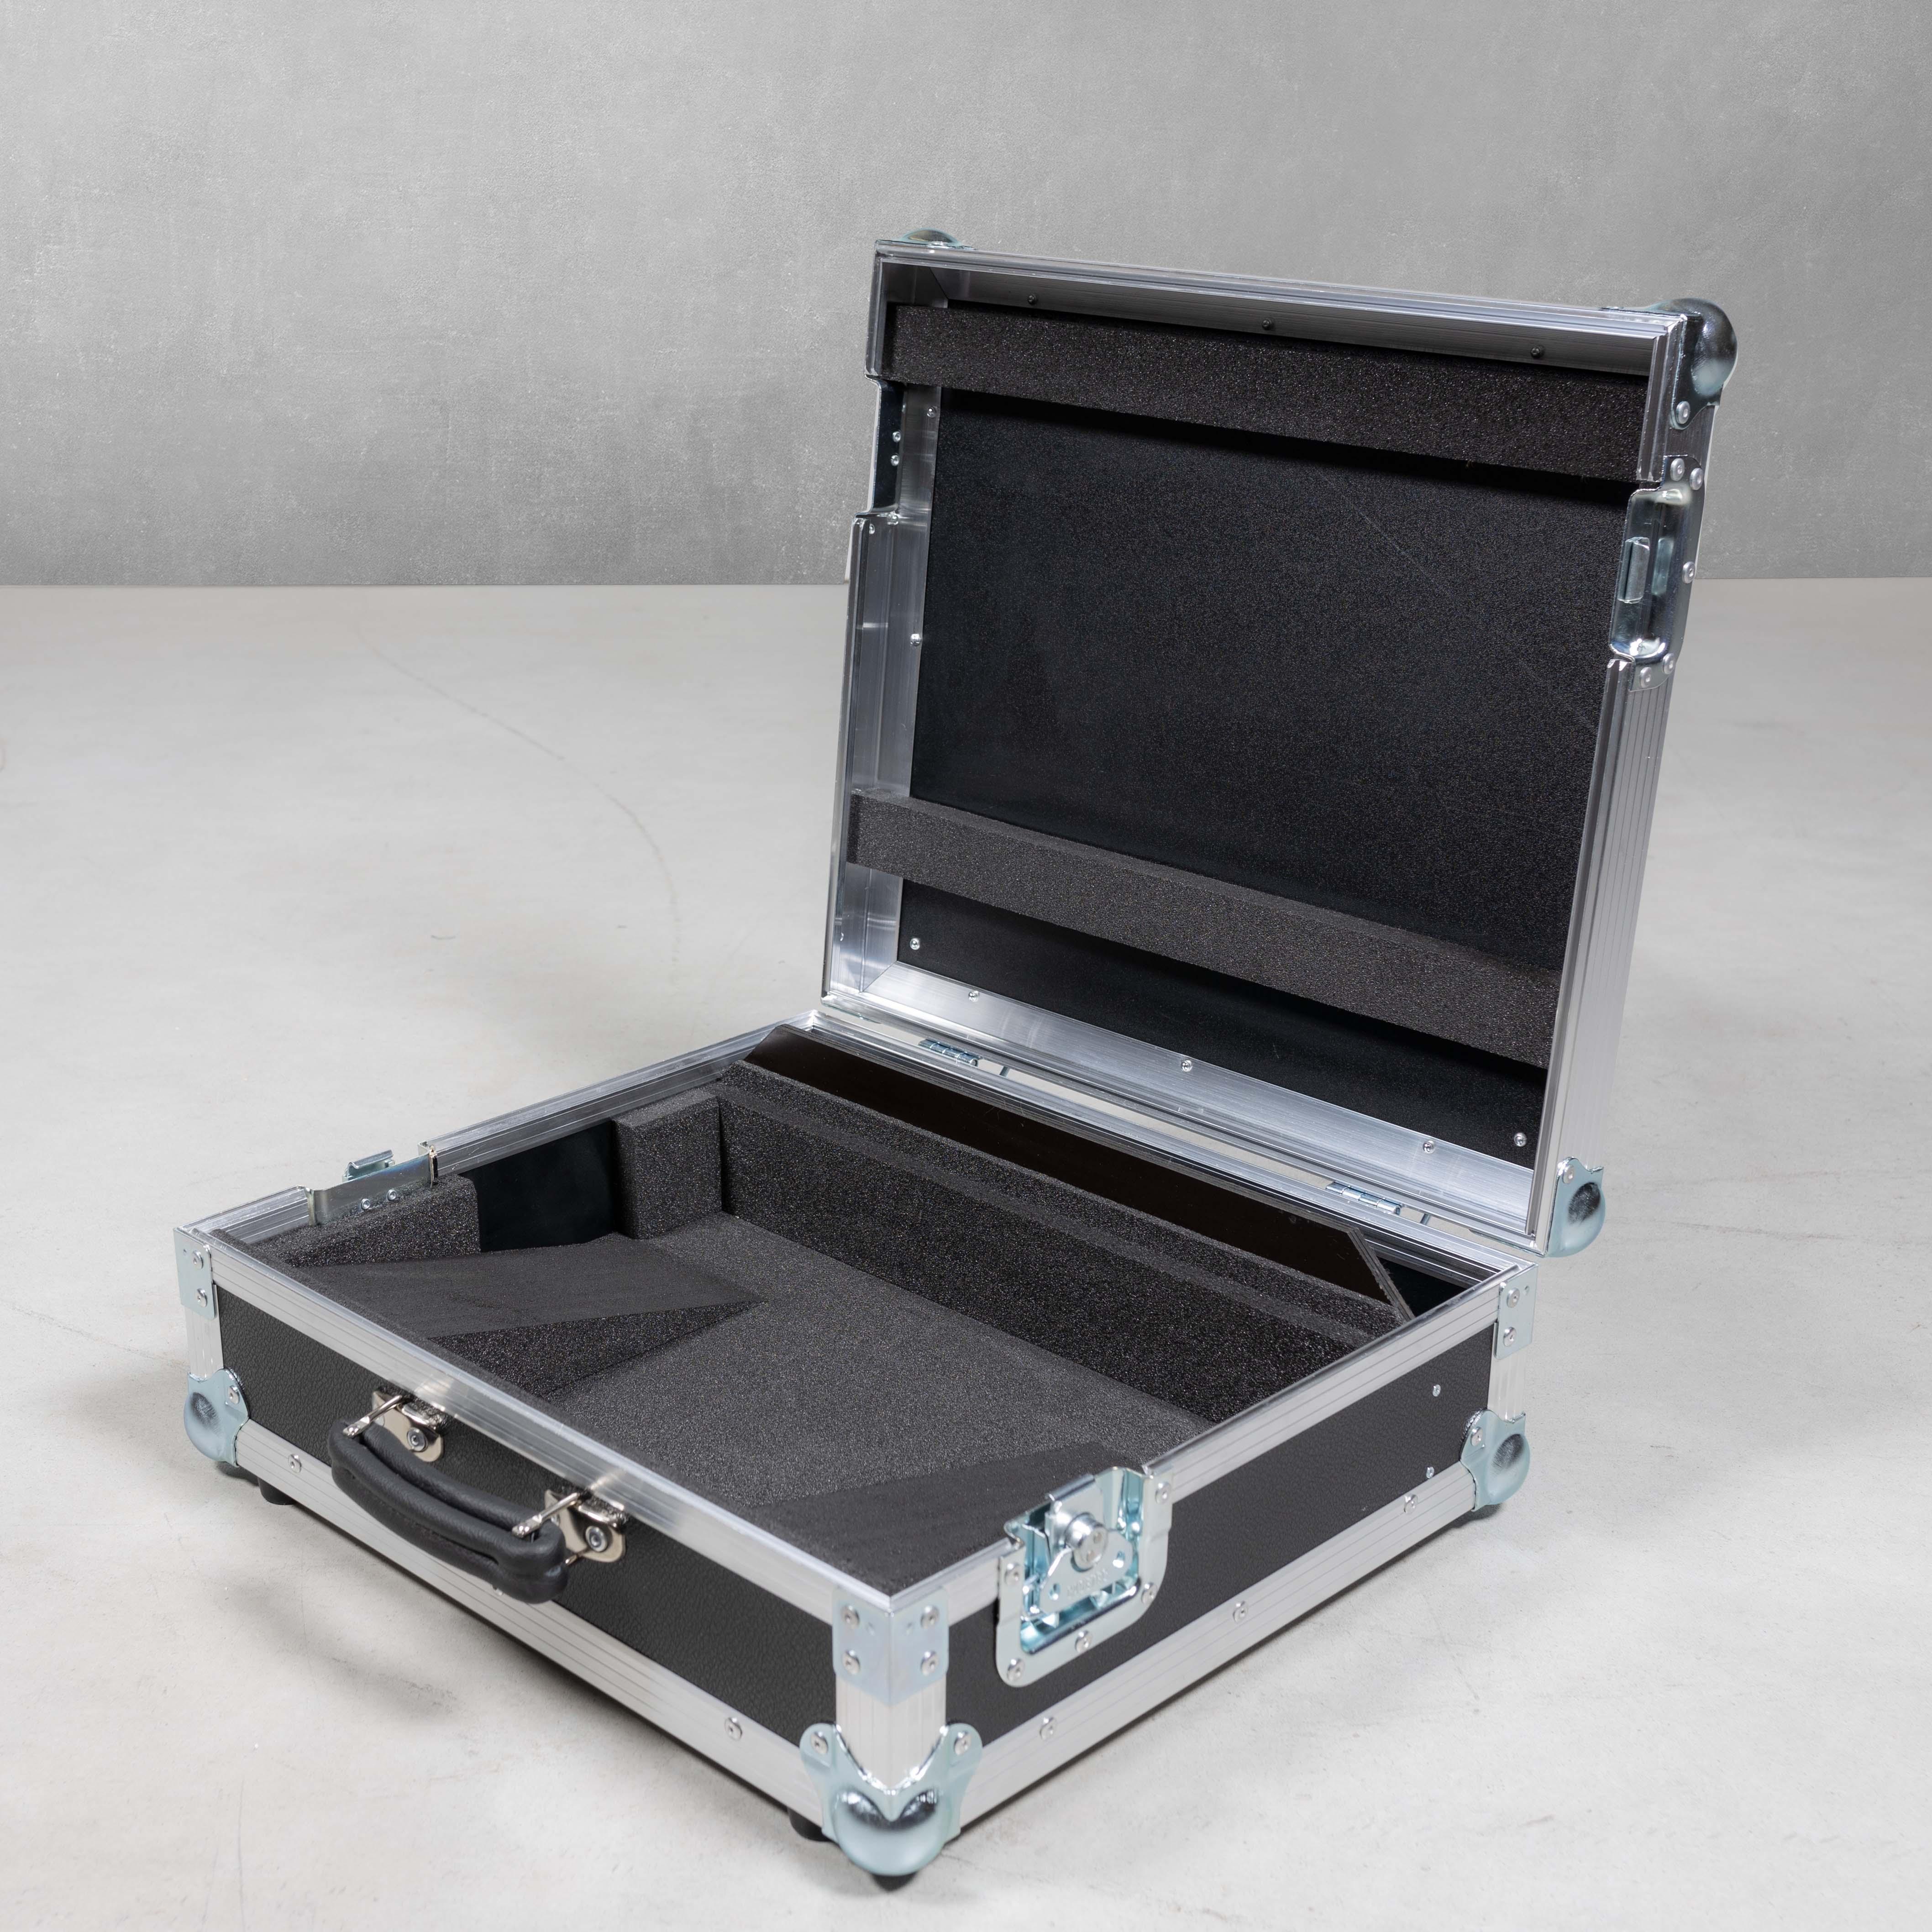 Koffer für einen Blackmagic Atem Television Studio Pro 4K / Blackmagic Atem Television Studio Pro HD